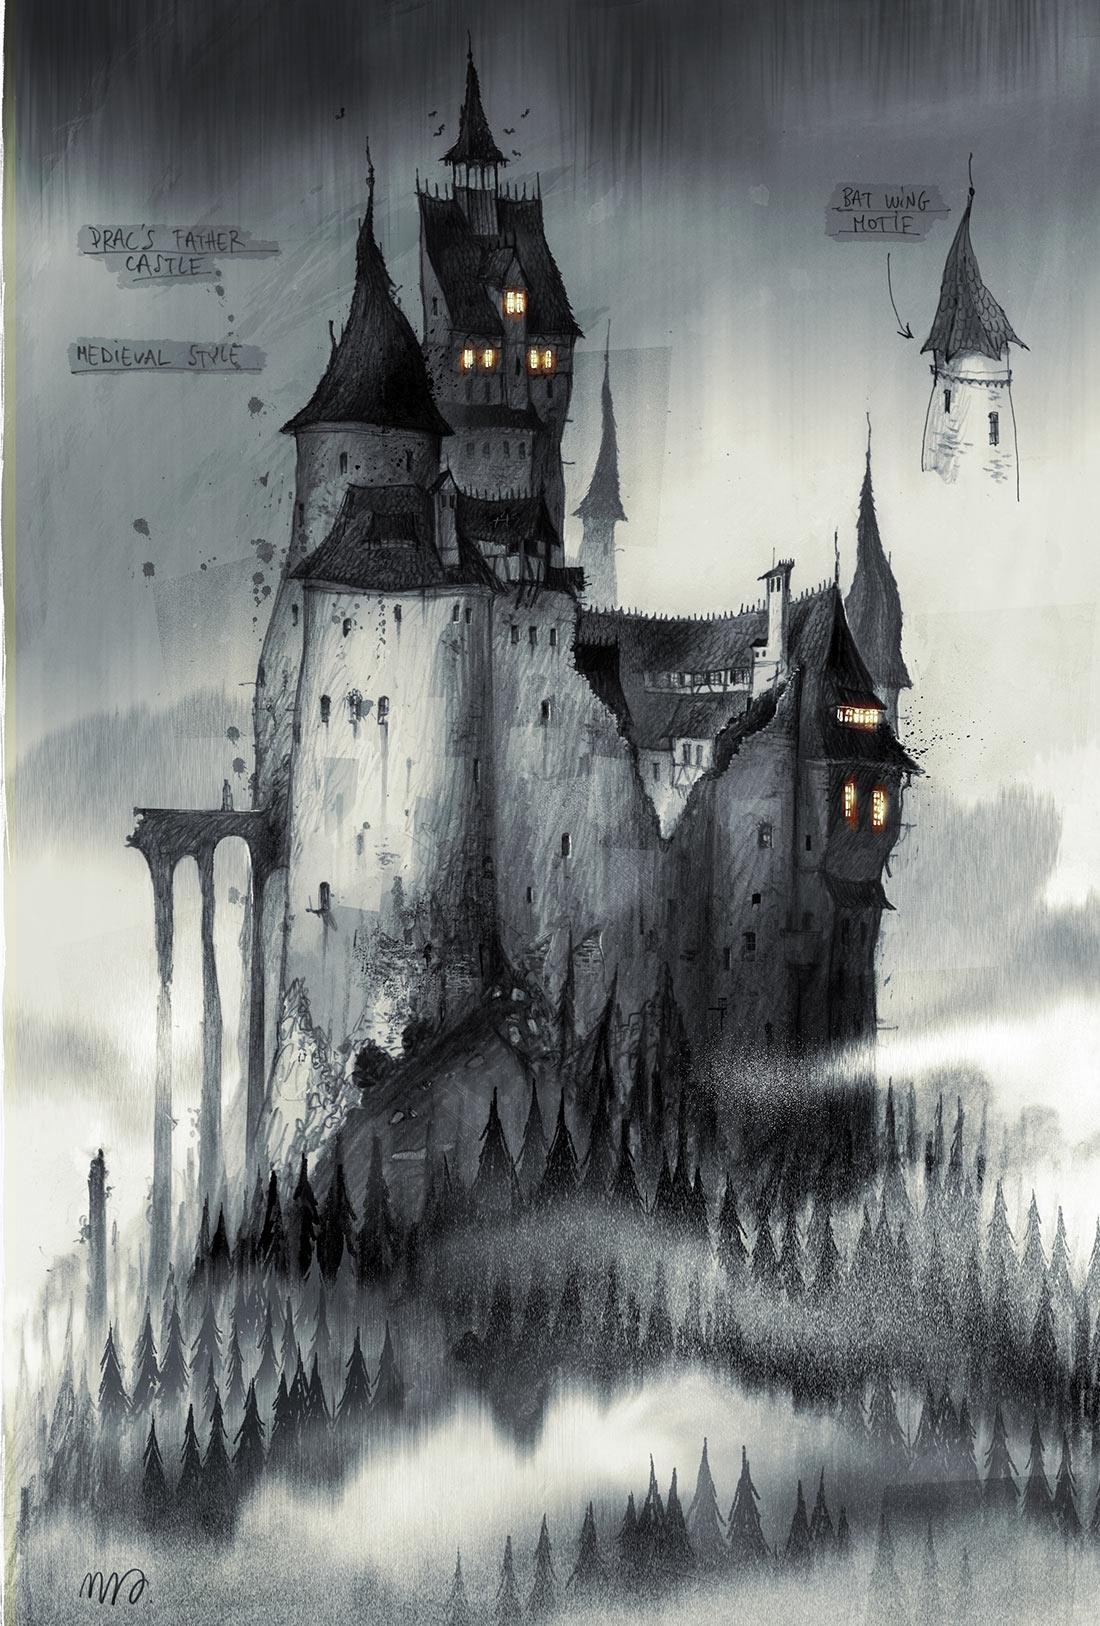 Vlad castle concept by Sylvain Marc.